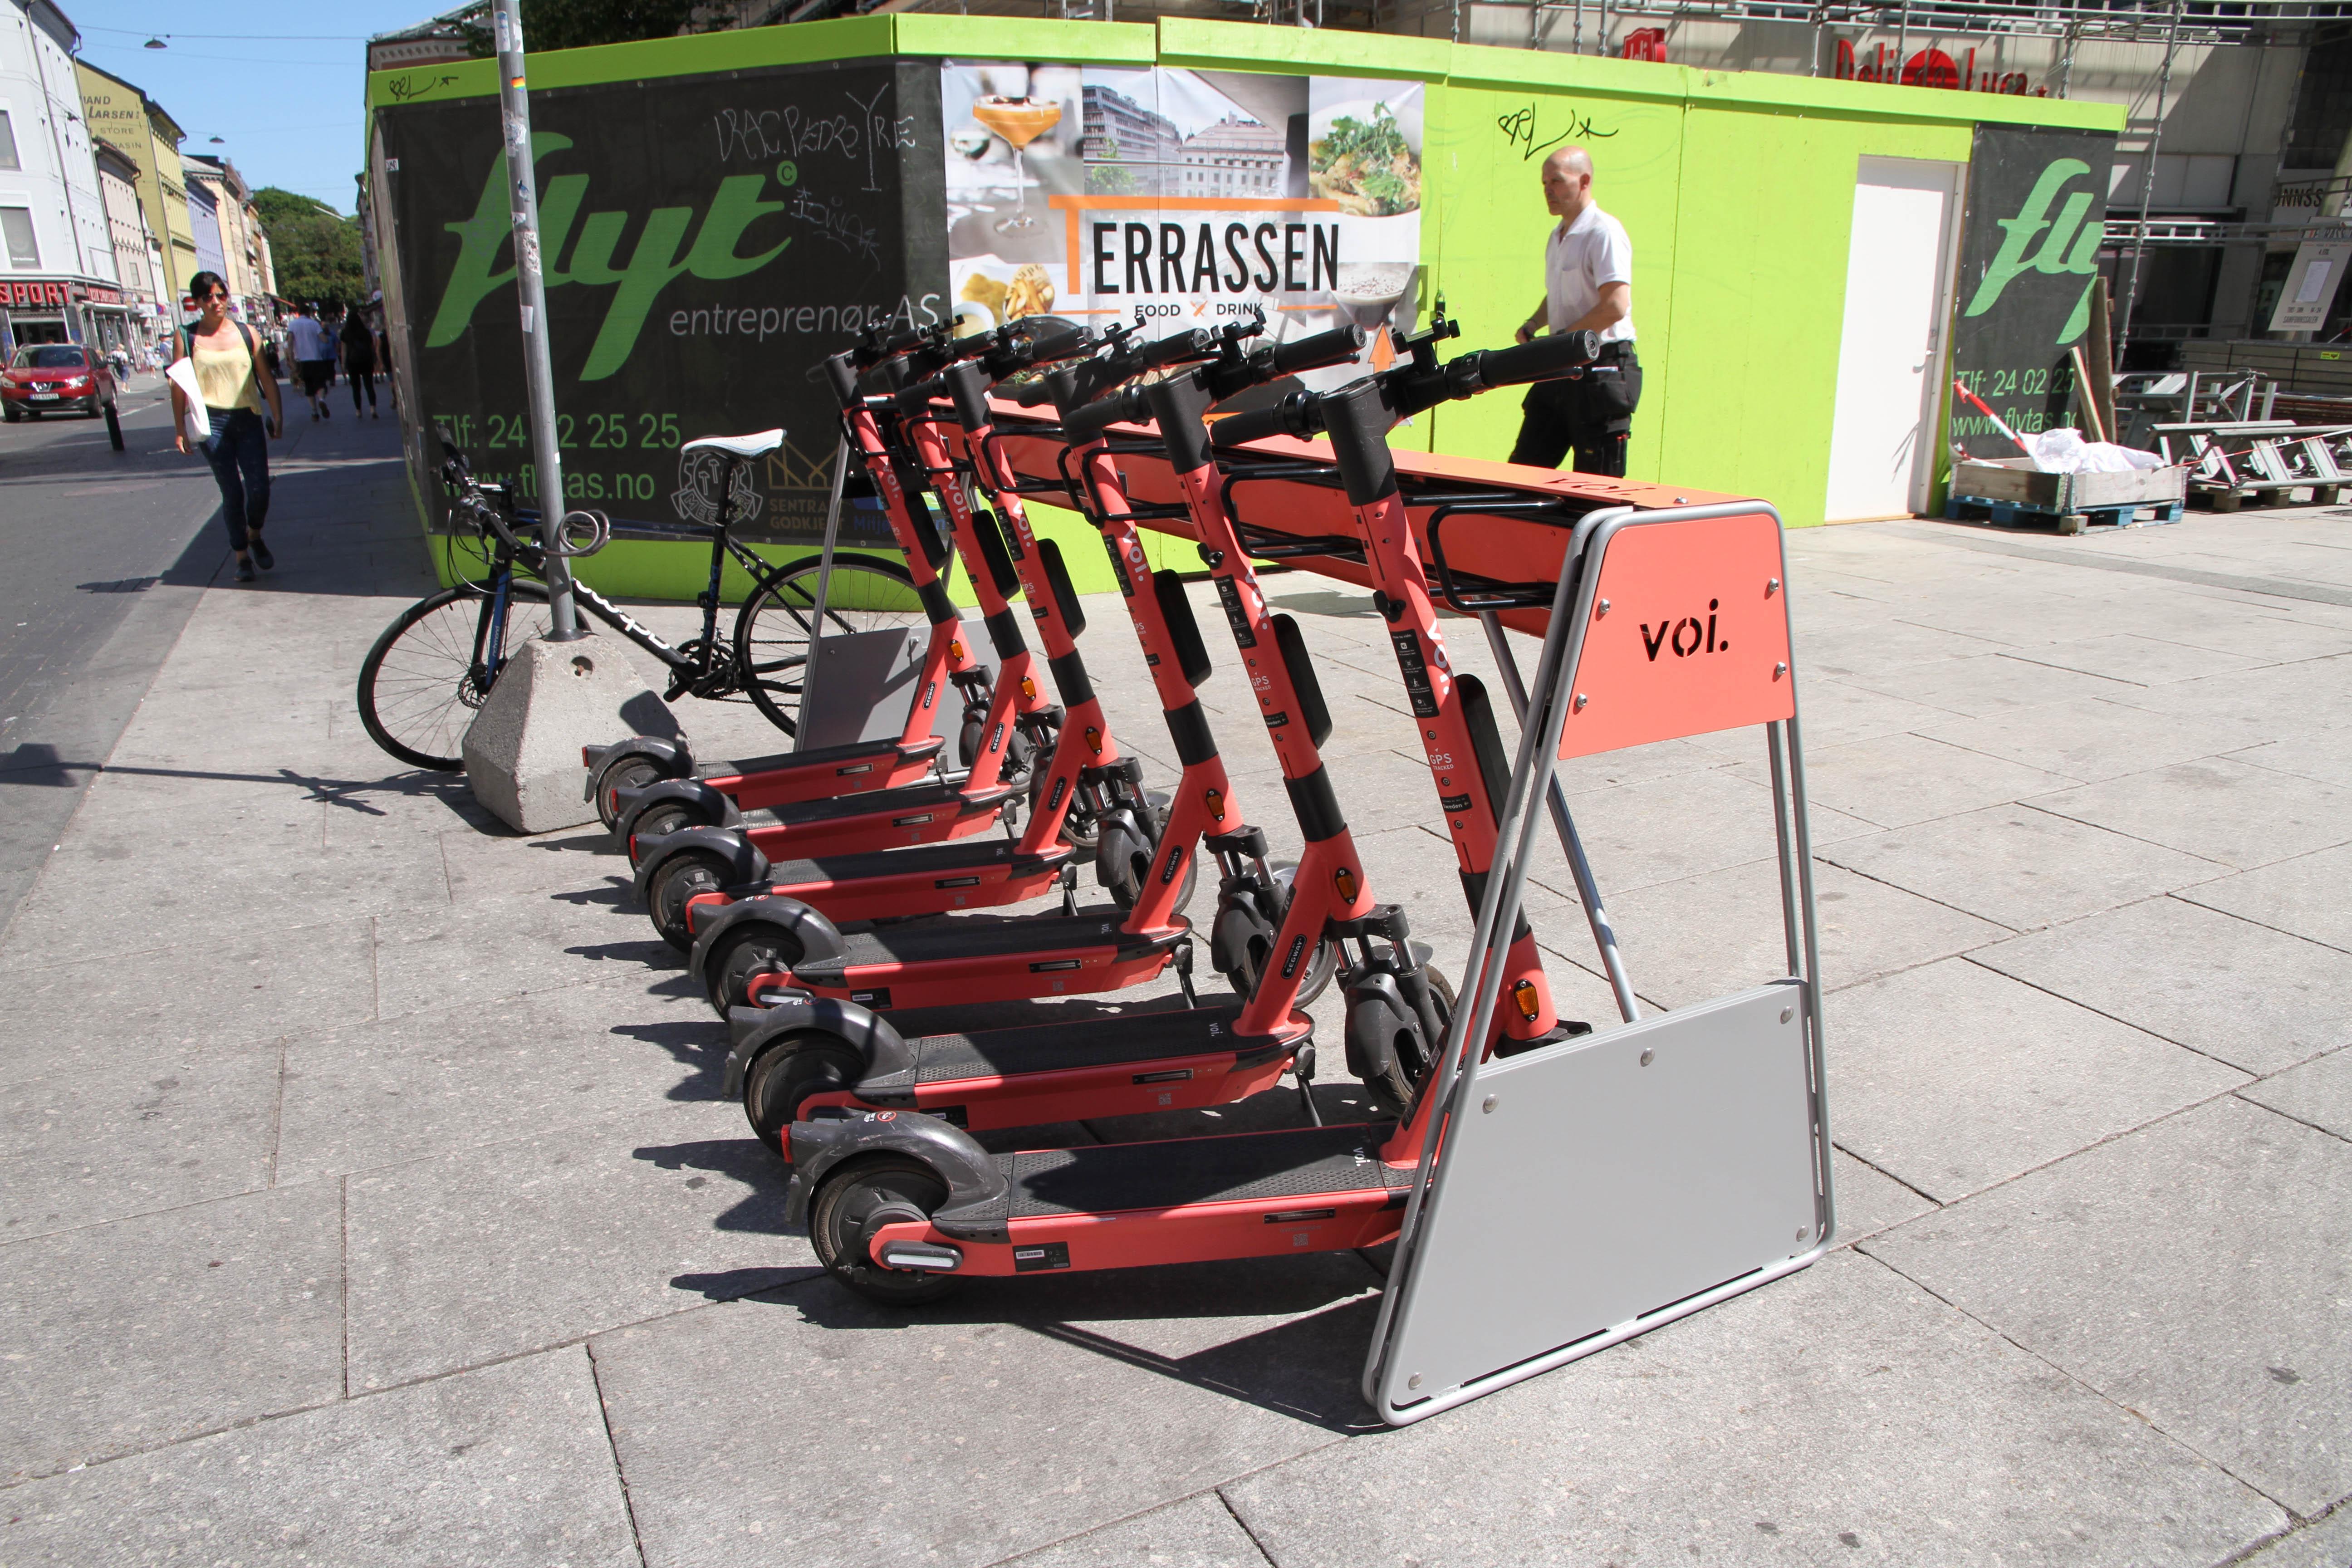 Stativ med elsparkesykler. Denne står plassert på Torggata.